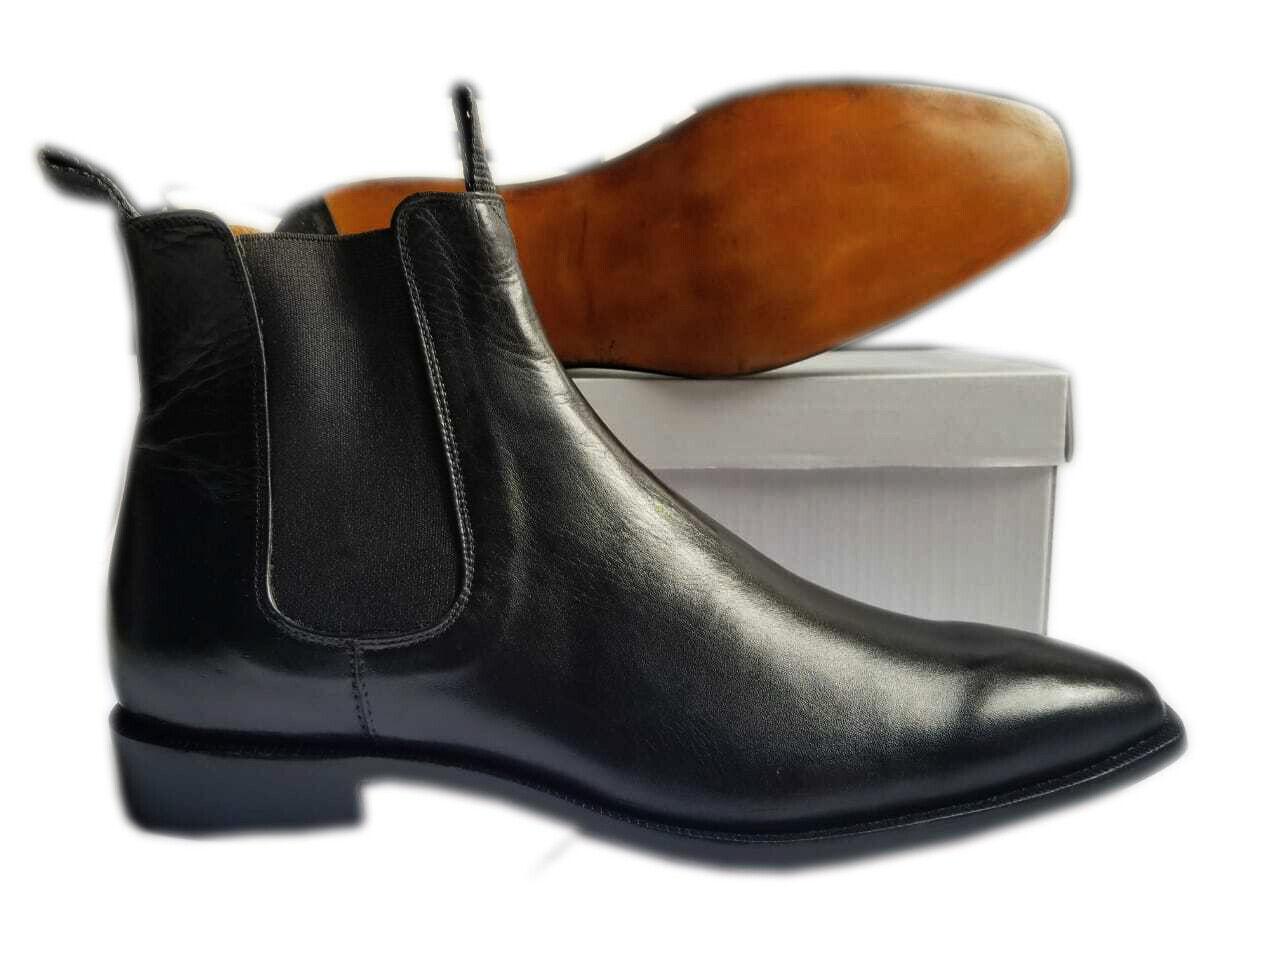 botas para hombre hecho a mano de cuero negro genuino Chelsea Tobillo Jumper Nuevos Zapatos Formales